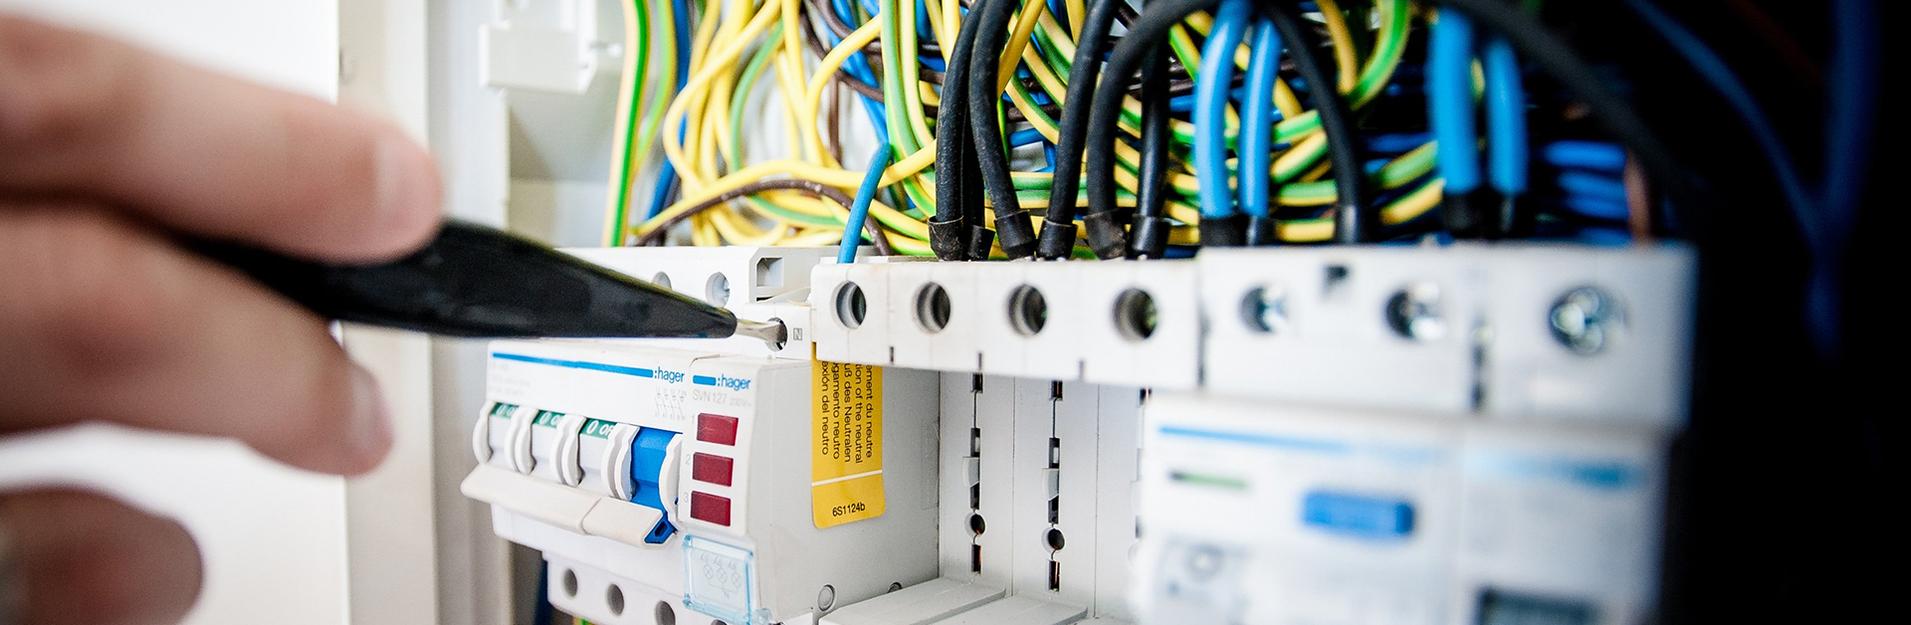 MTE sprl - Electricité générale - Eclairage - Domotique - Parlophonie